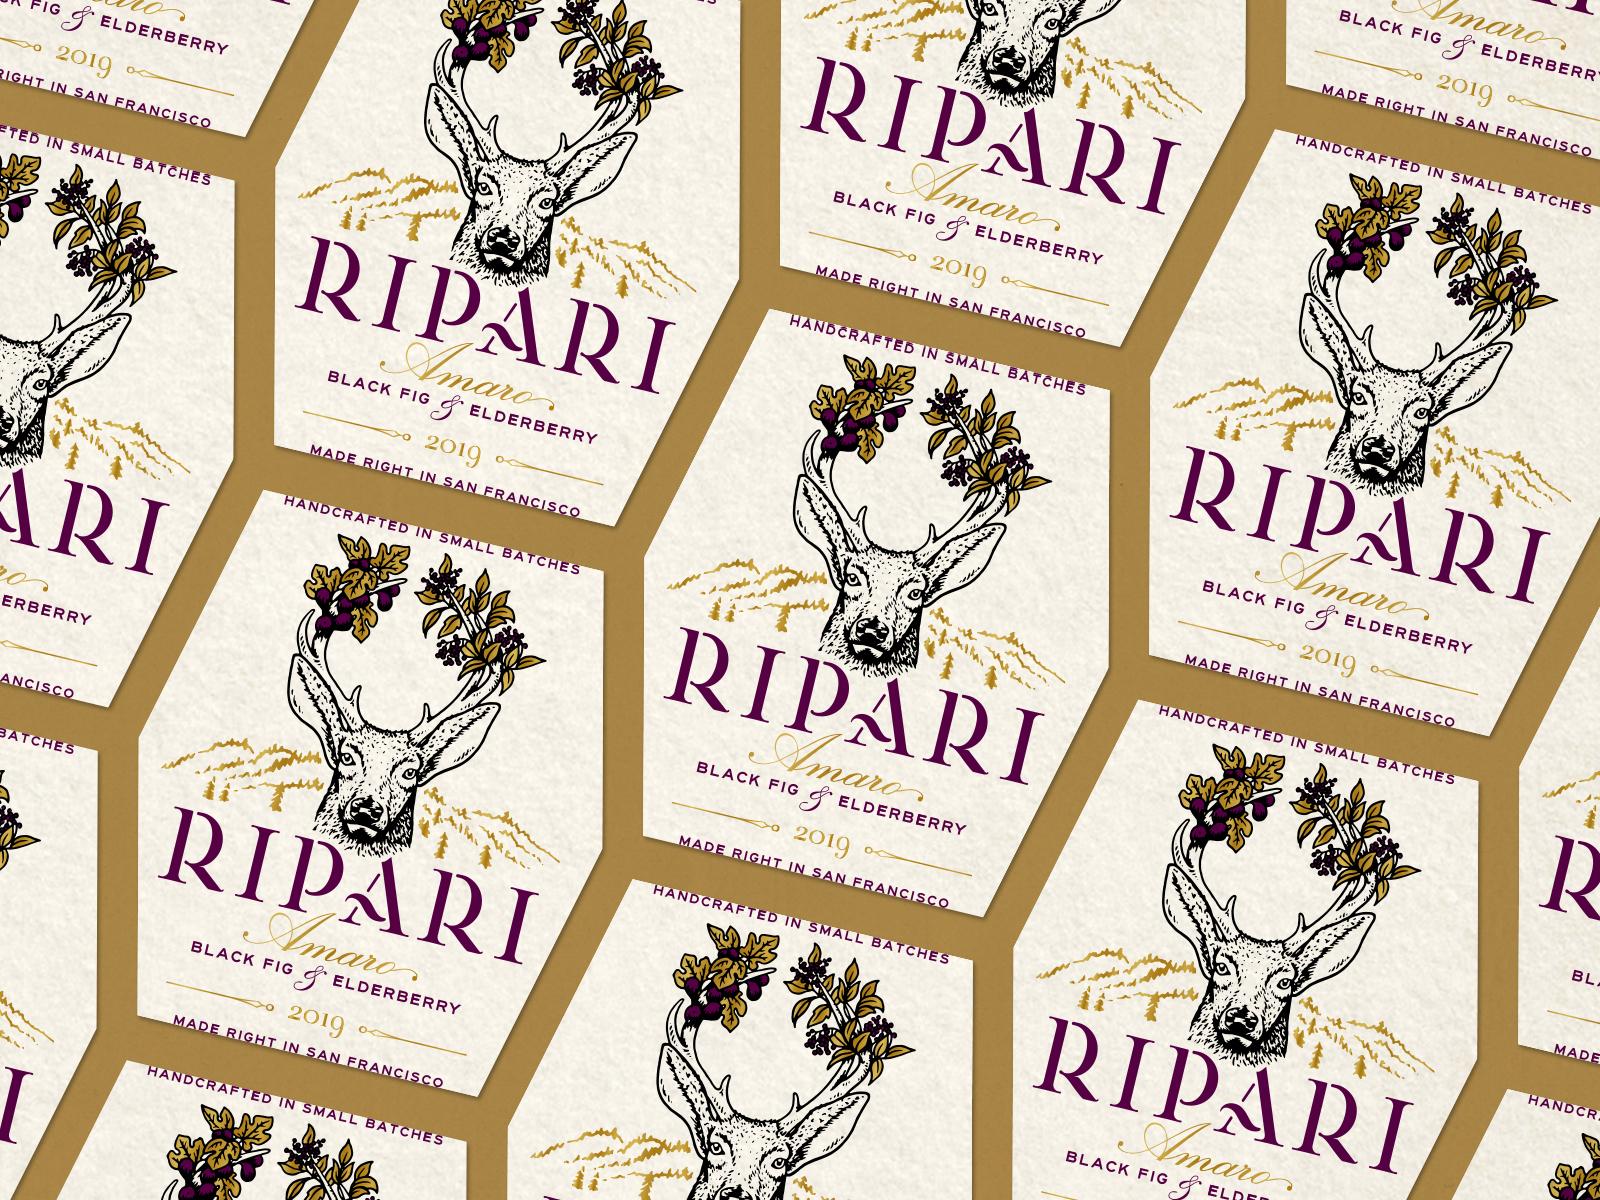 Ripari_Label